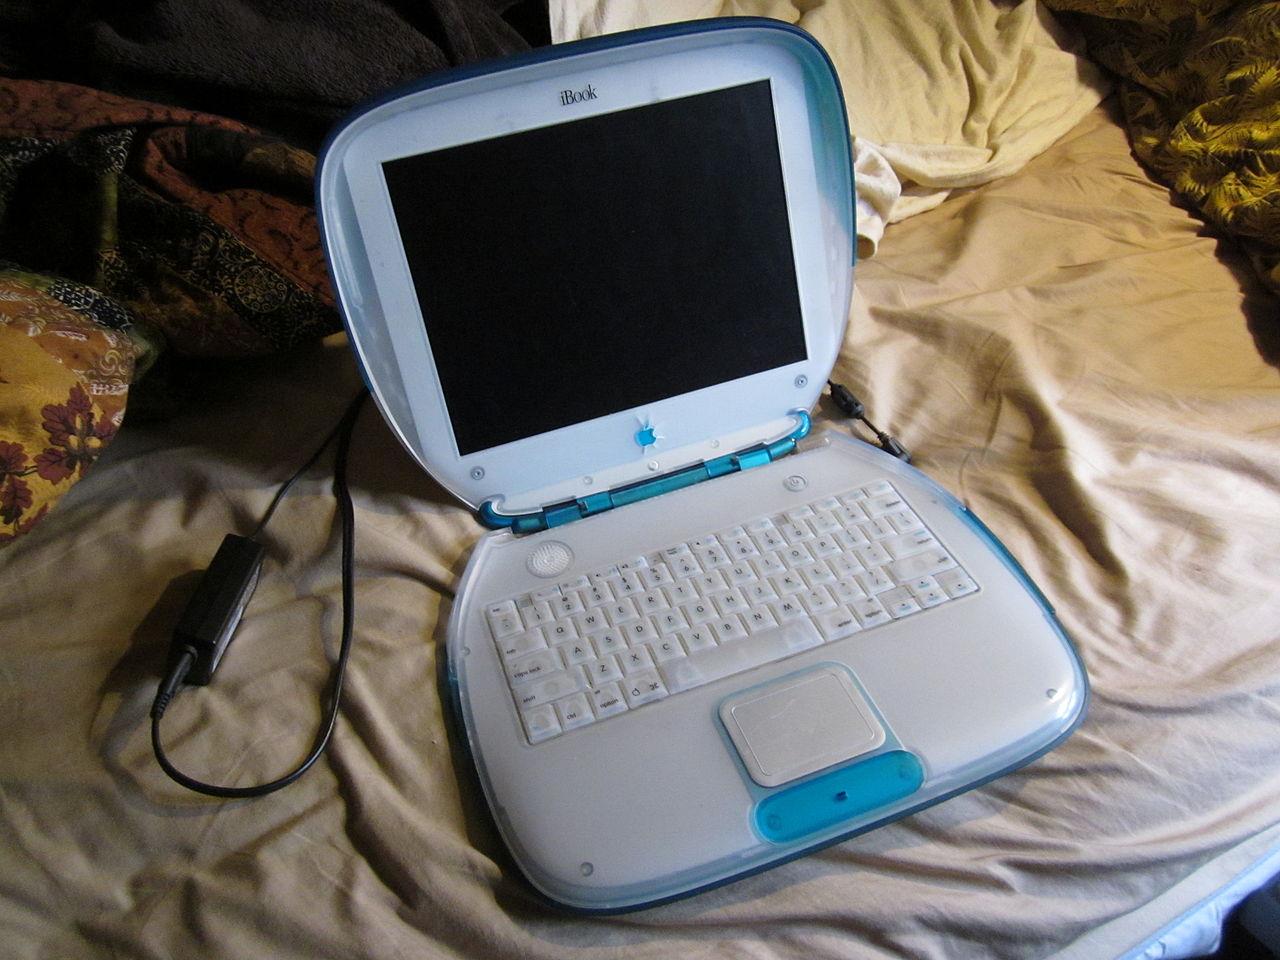 File:Apple Laptop 05.JPG - Wikimedia Commons